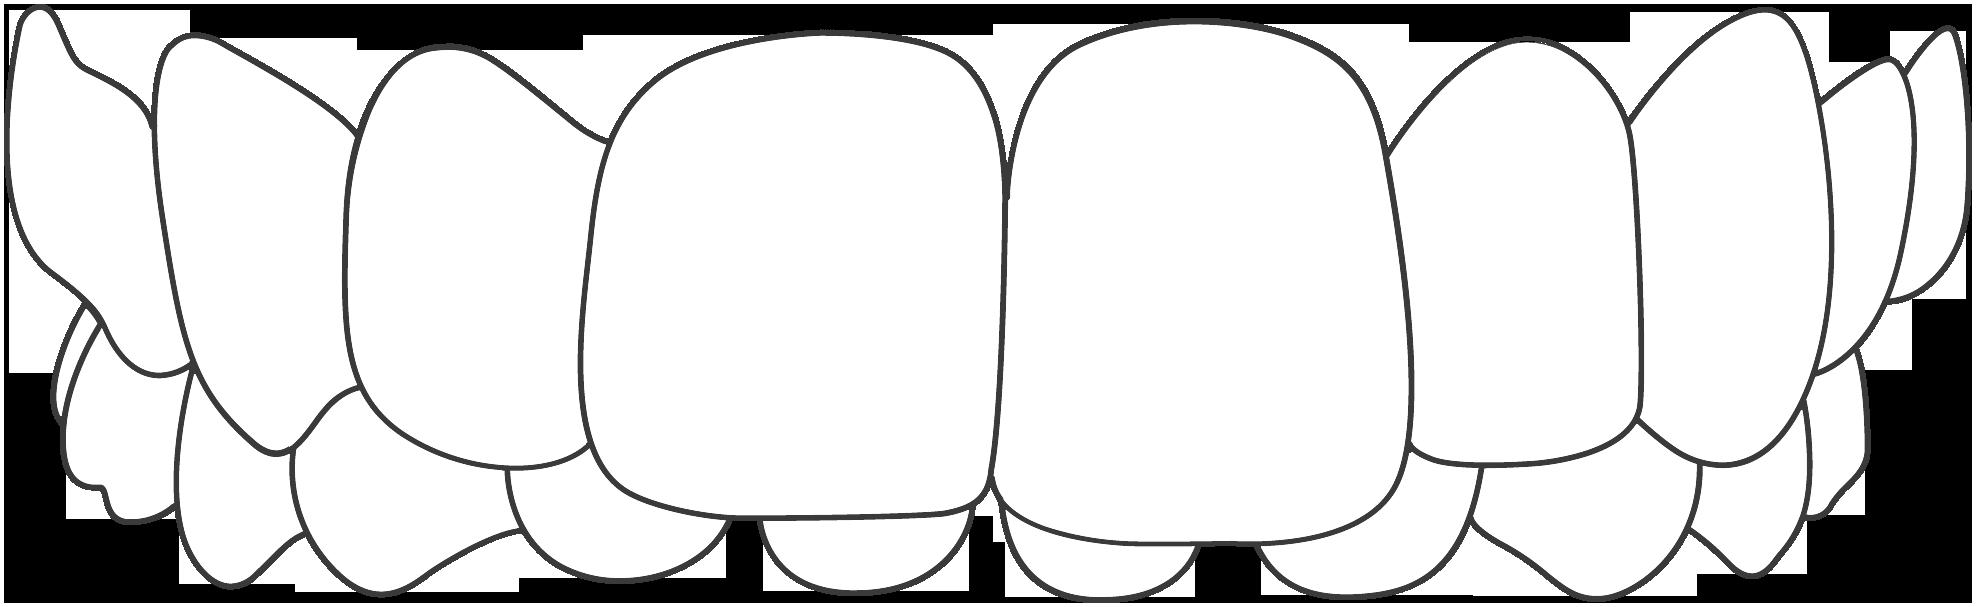 Överbett